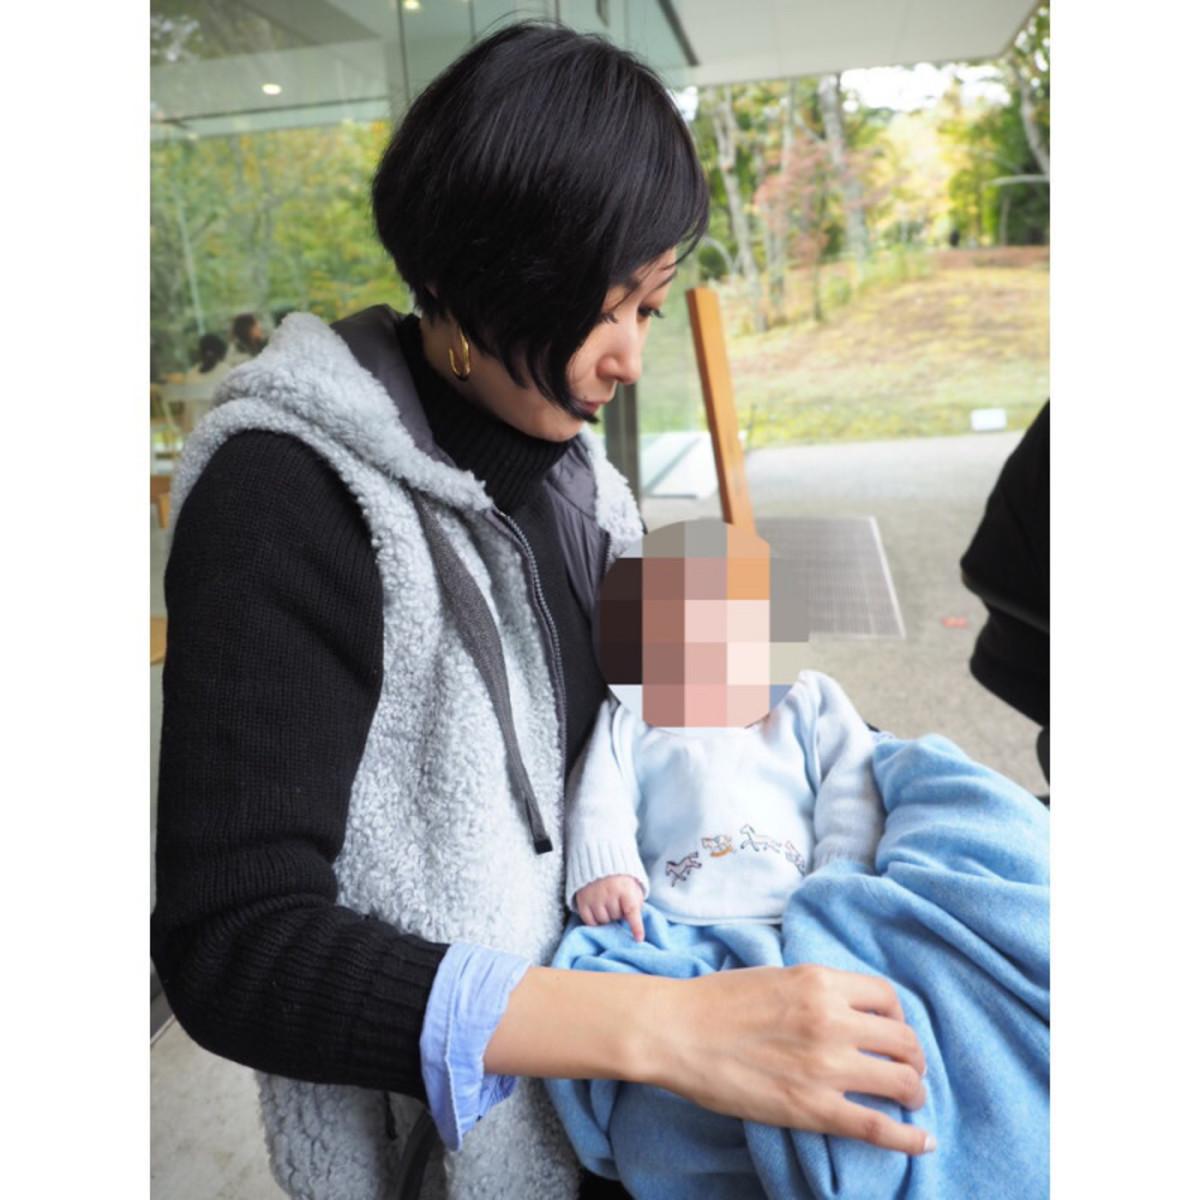 1a6244e9ae75c 魅力あふれるアイテムを使いながら育児を楽しむ田丸麻紀さん。手にしてみたいと思ったアイテムもあったのではないでしょうか。